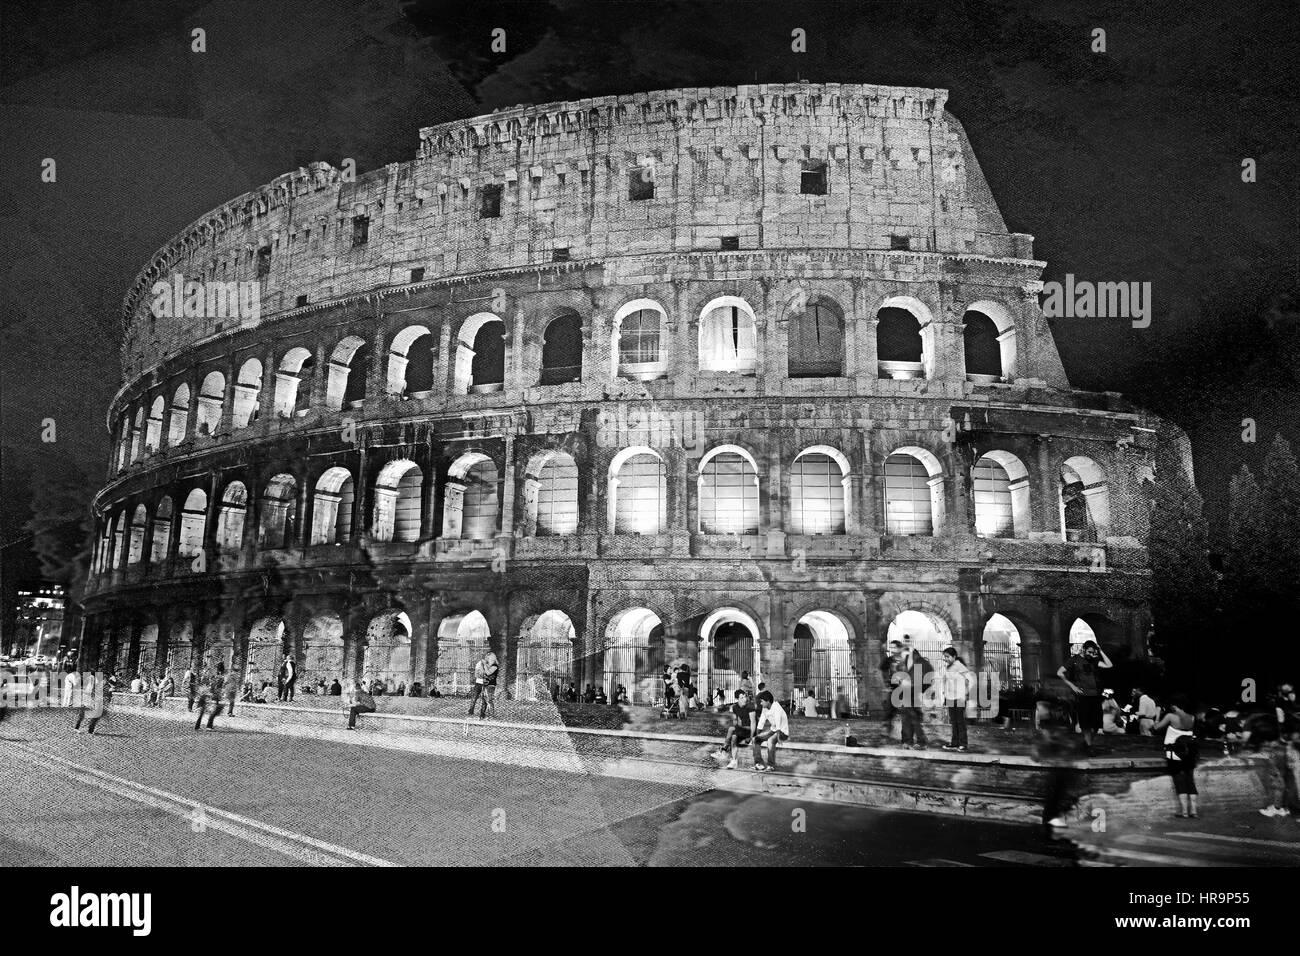 Strukturiertes Bild des Kolosseums in Rom Stockbild